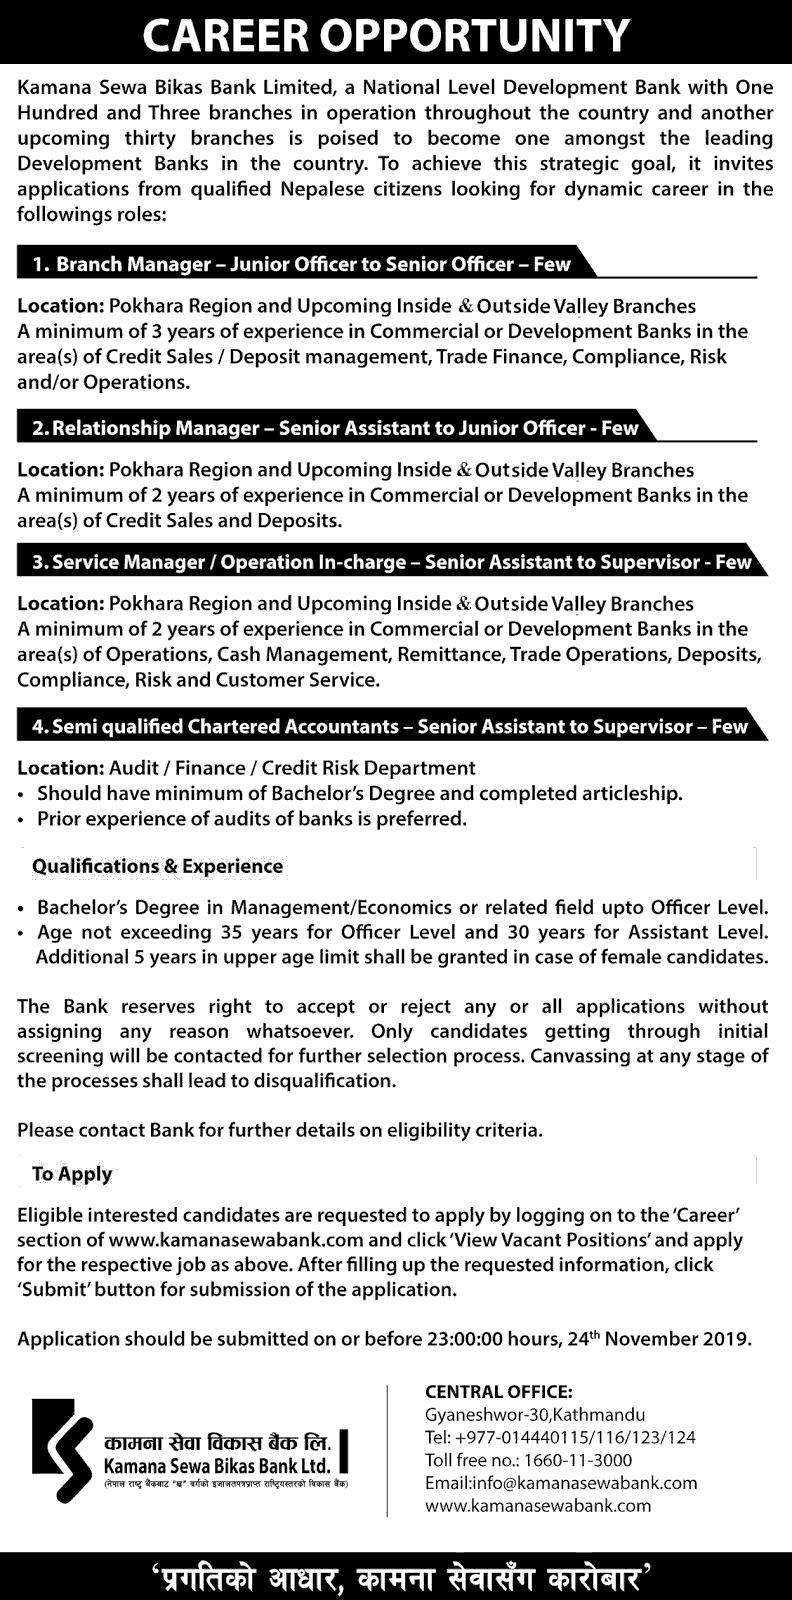 Career Opportunity at Kamana Sewa Bikas Bank Limited